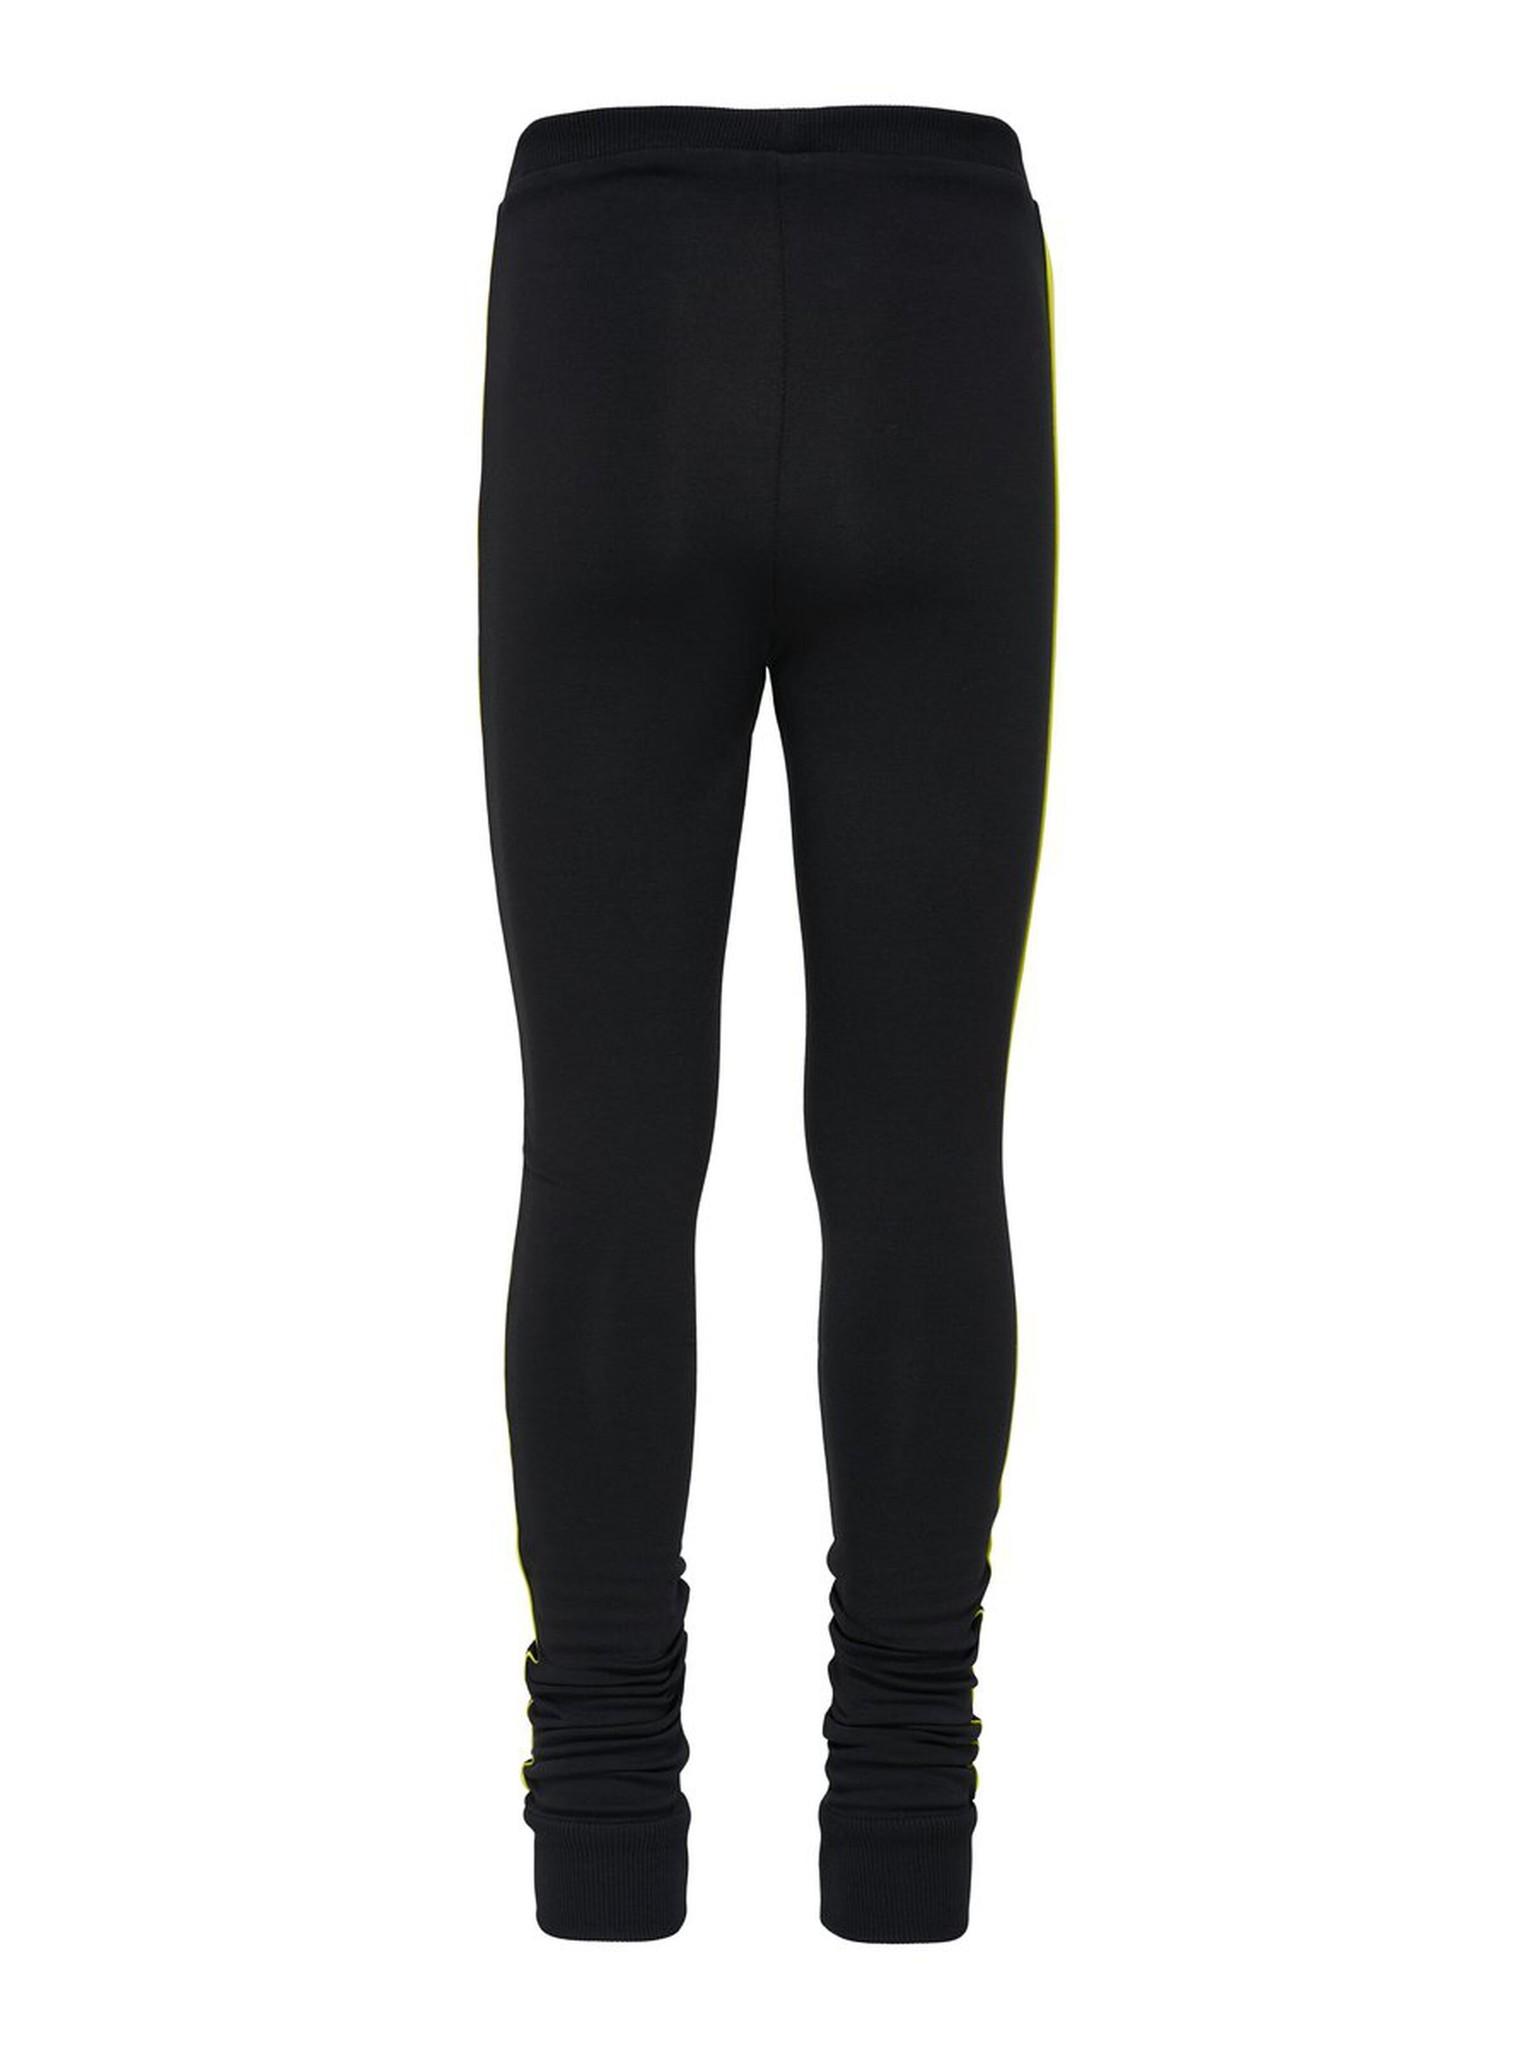 ONLY leggings basique-5